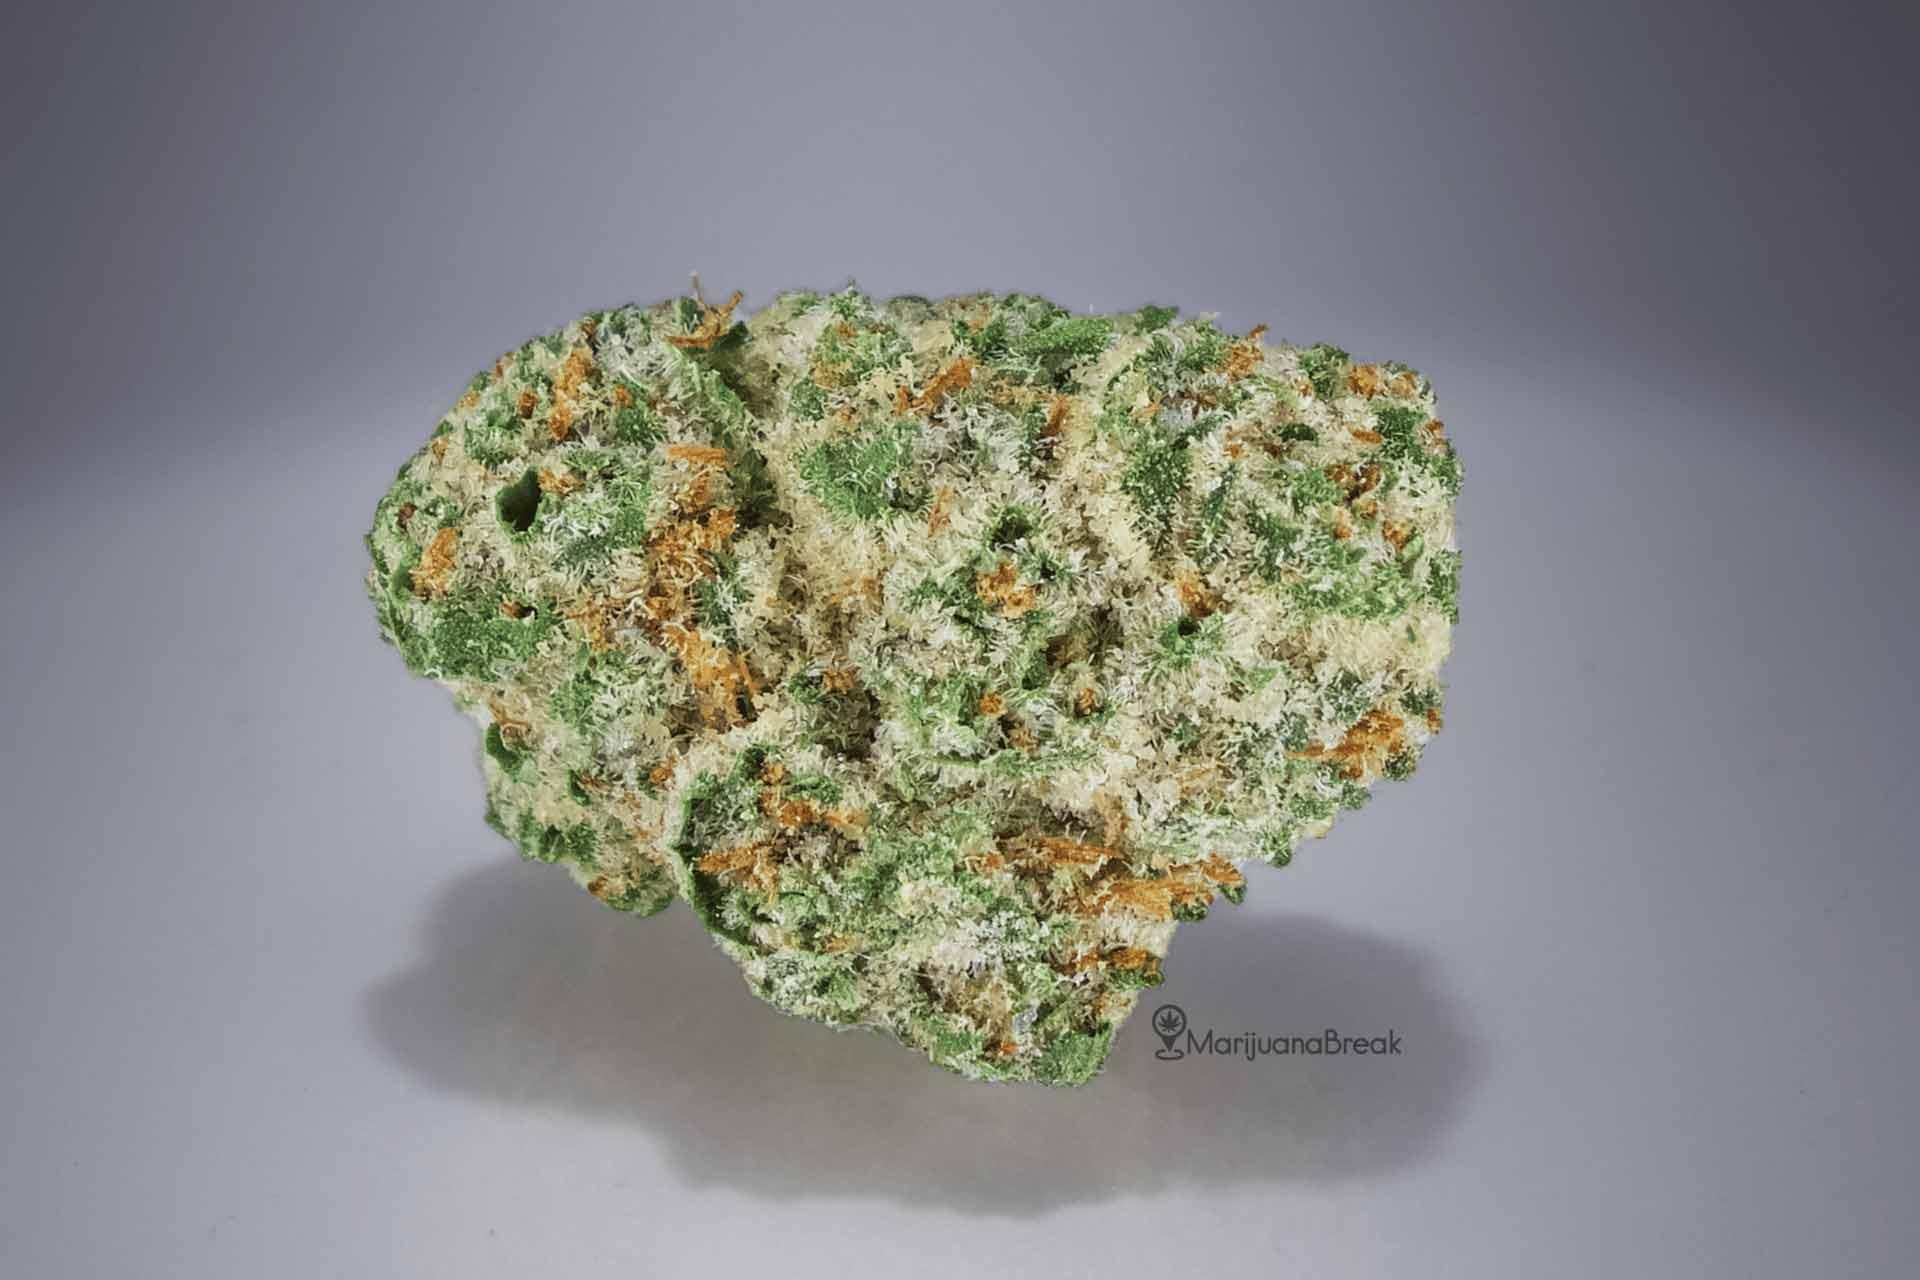 fire og medical marijuana